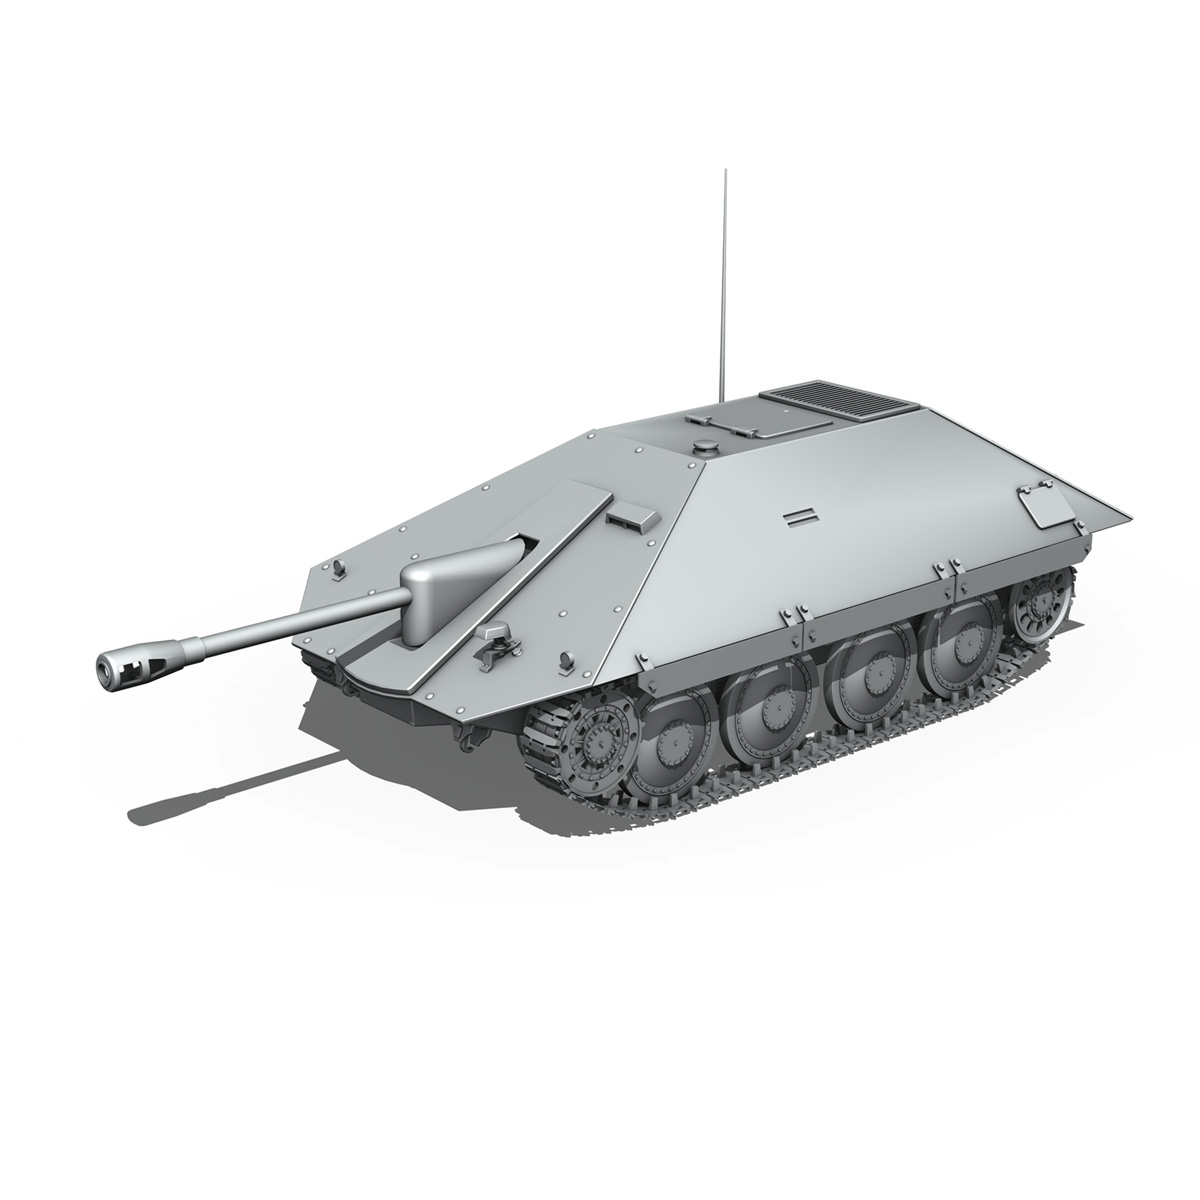 maresal m06 – romanian tank destroyer 3d model 3ds fbx c4d lwo obj 188889